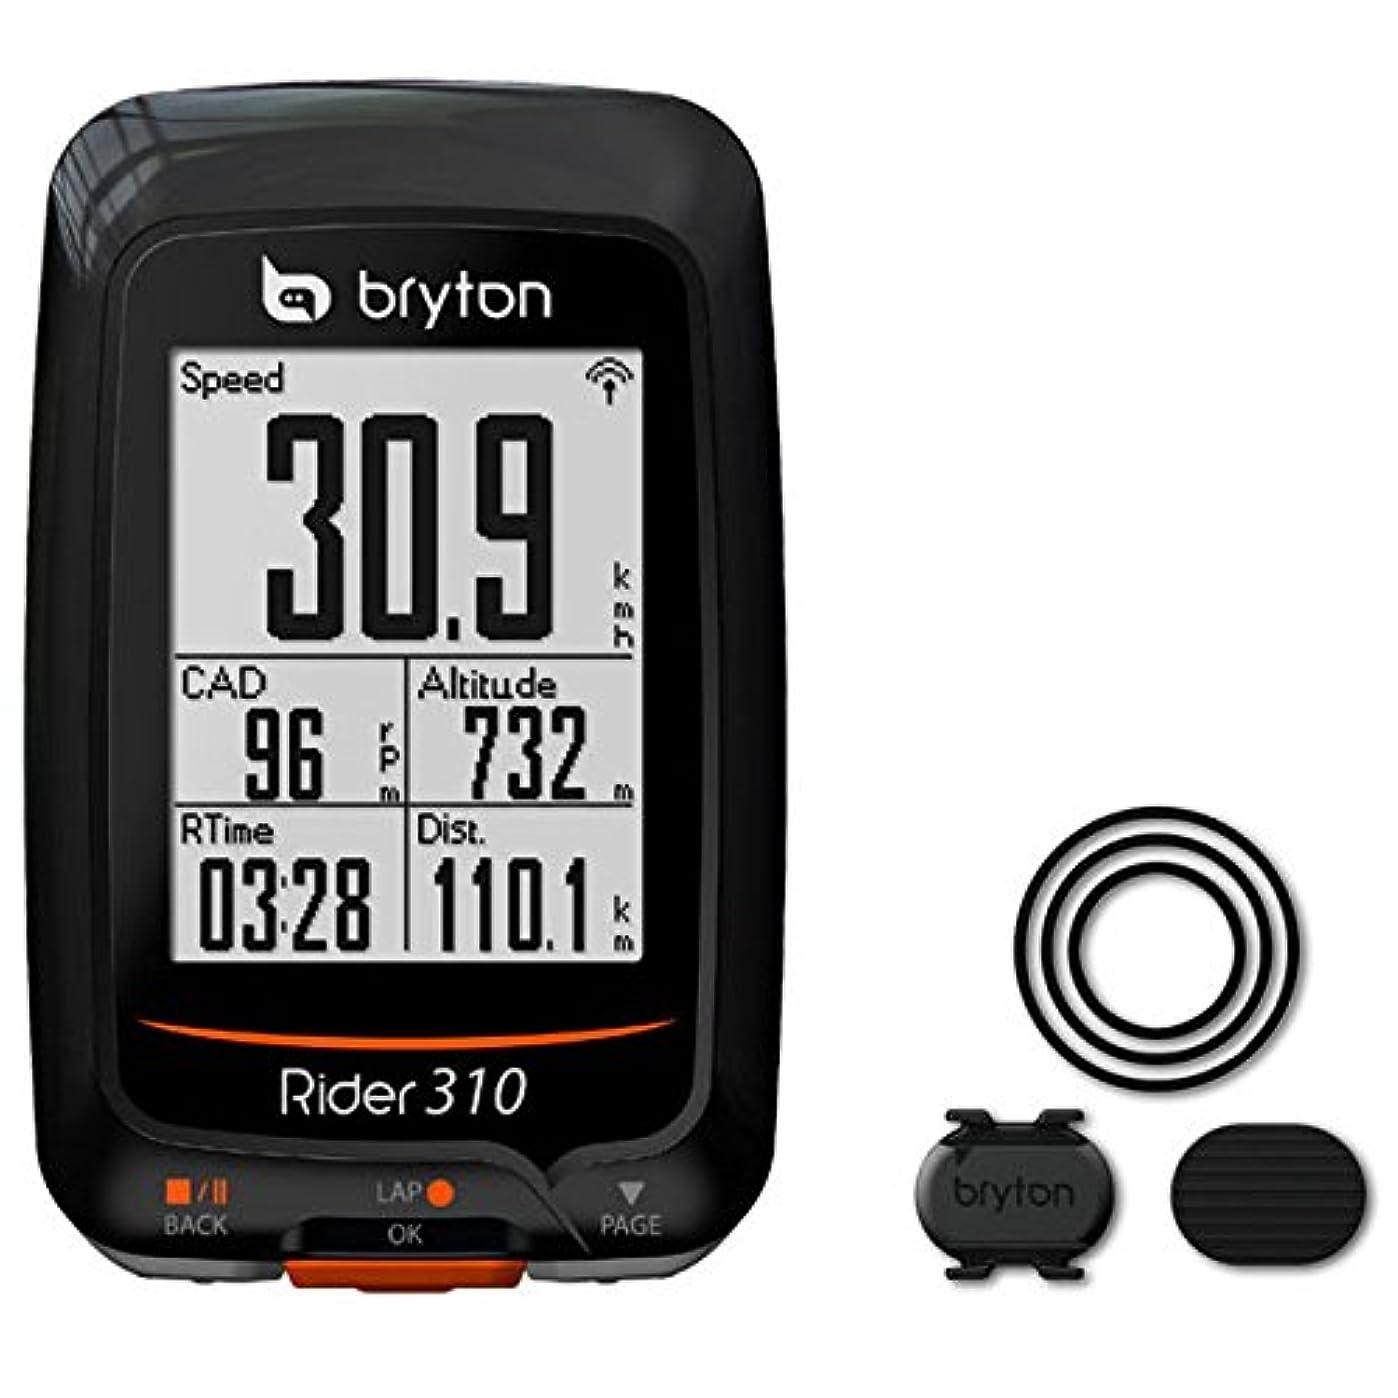 否認するオプショナルアルネブライトン Rider310C ケイデンスセンサー付 GPS ブラック(TB0F0R310CBLK)